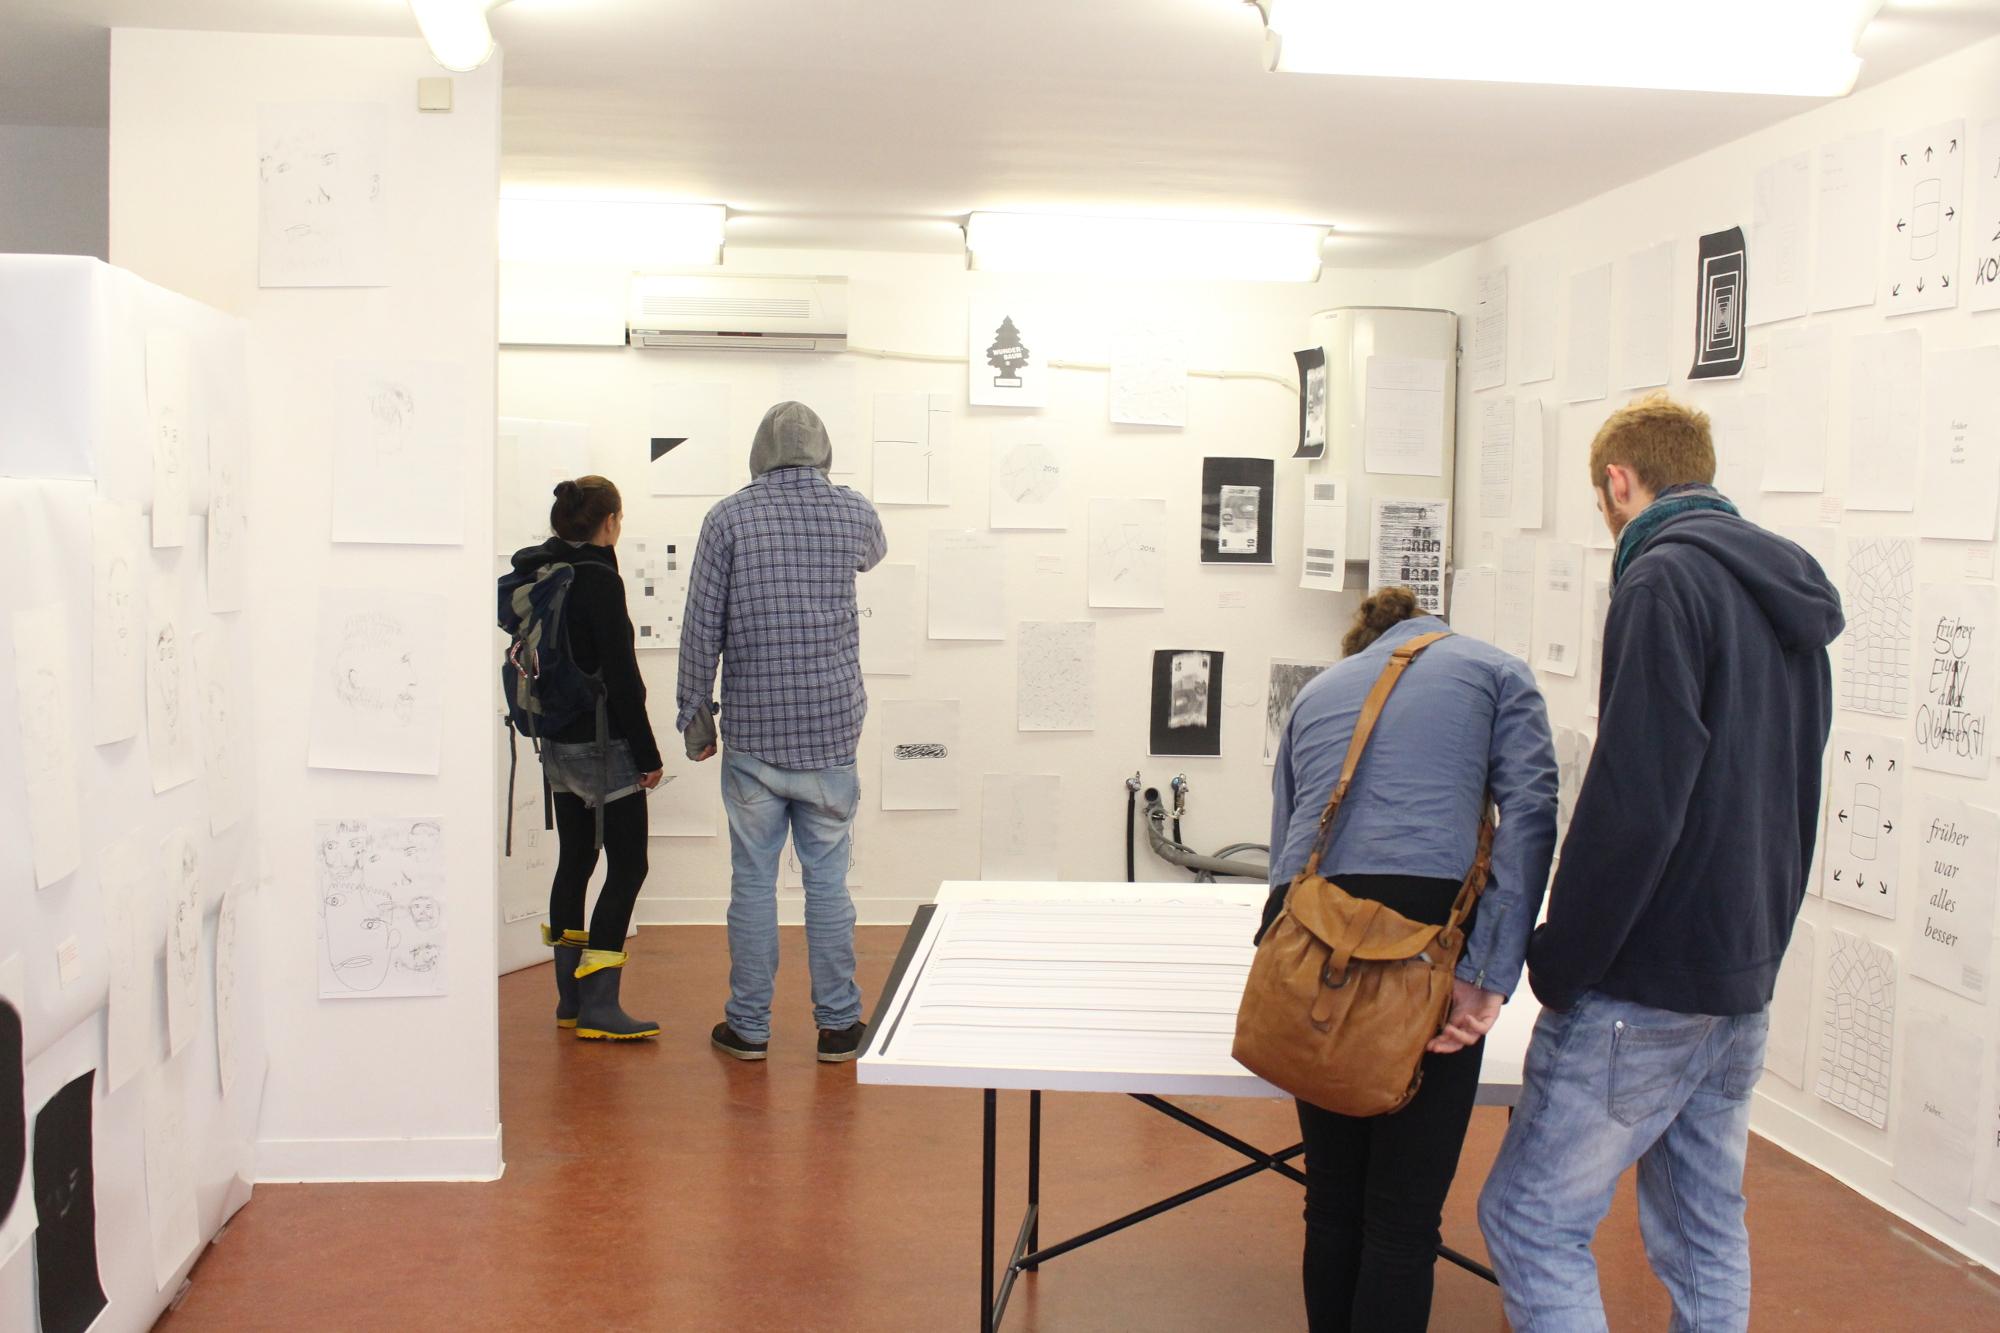 Der Verein Machte Schon Des Fteren Von Sich Reden Unter Anderem Durch Werders Wohnzimmer Ausstellungen Am Schnsten Platz